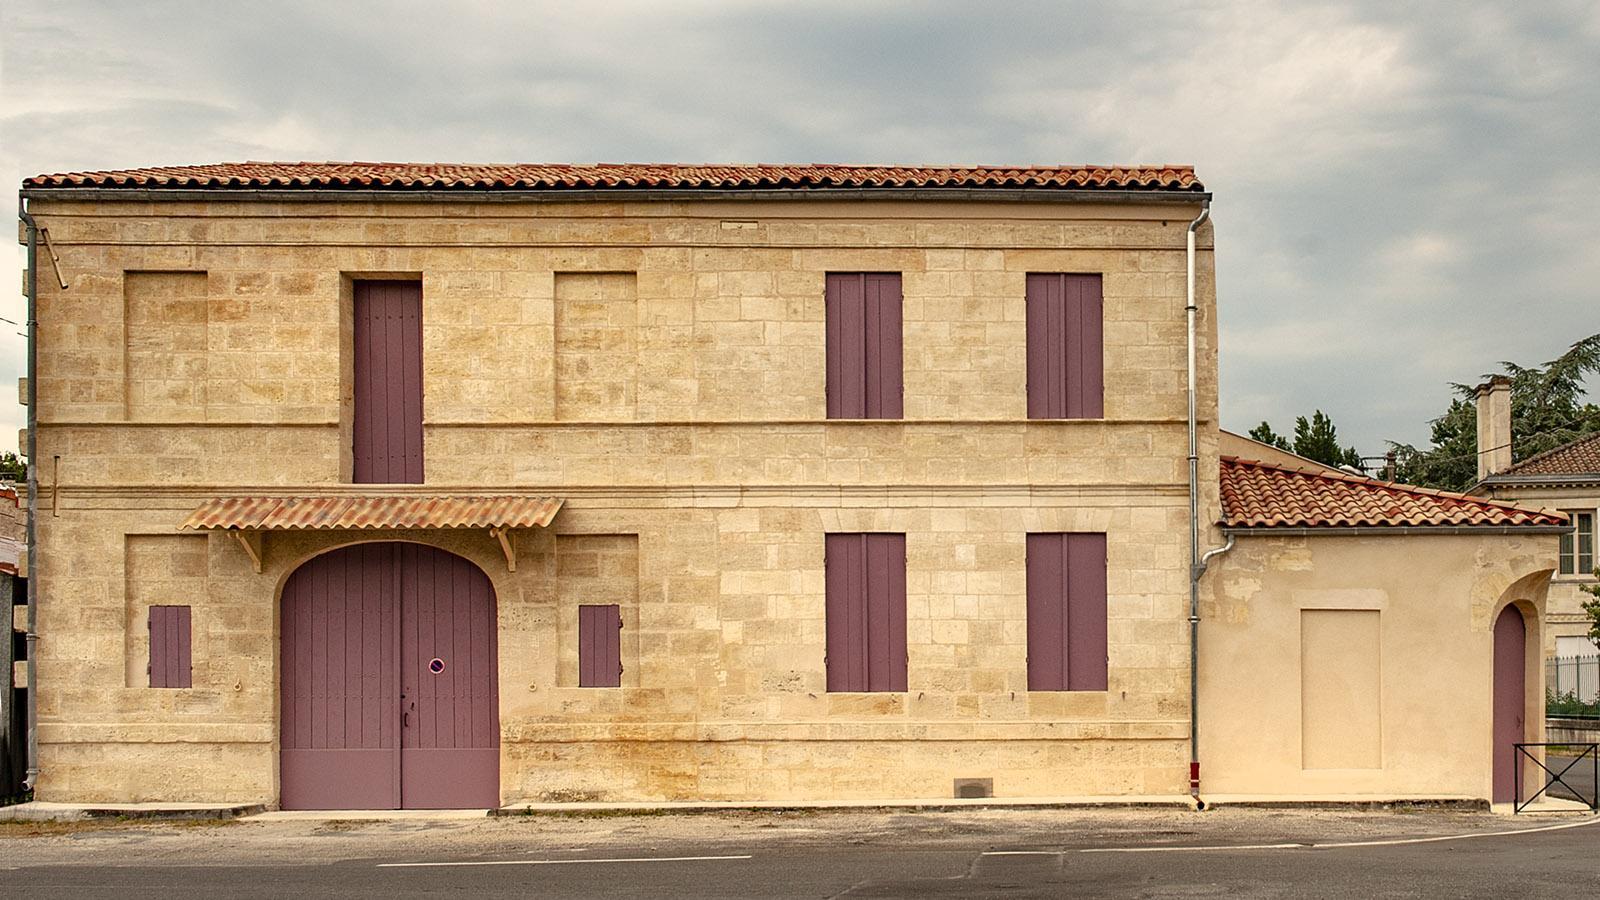 Türen und Fenster verrammelt – ein Anblick, der den Médoc prägt. Foto: Hilke Maunder